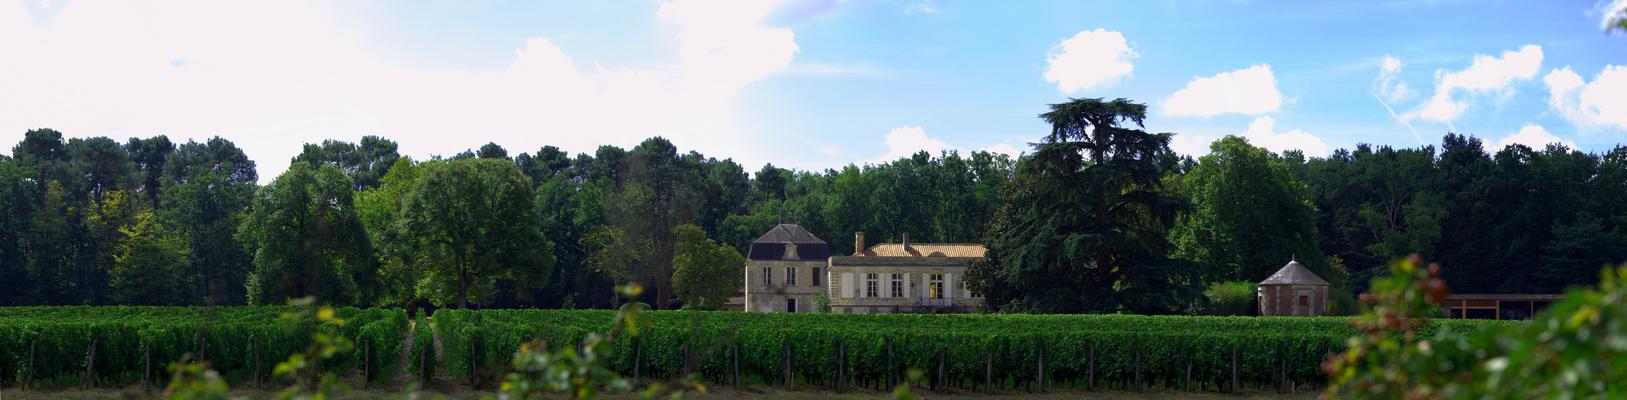 Château Picque Caillou dans la verdure